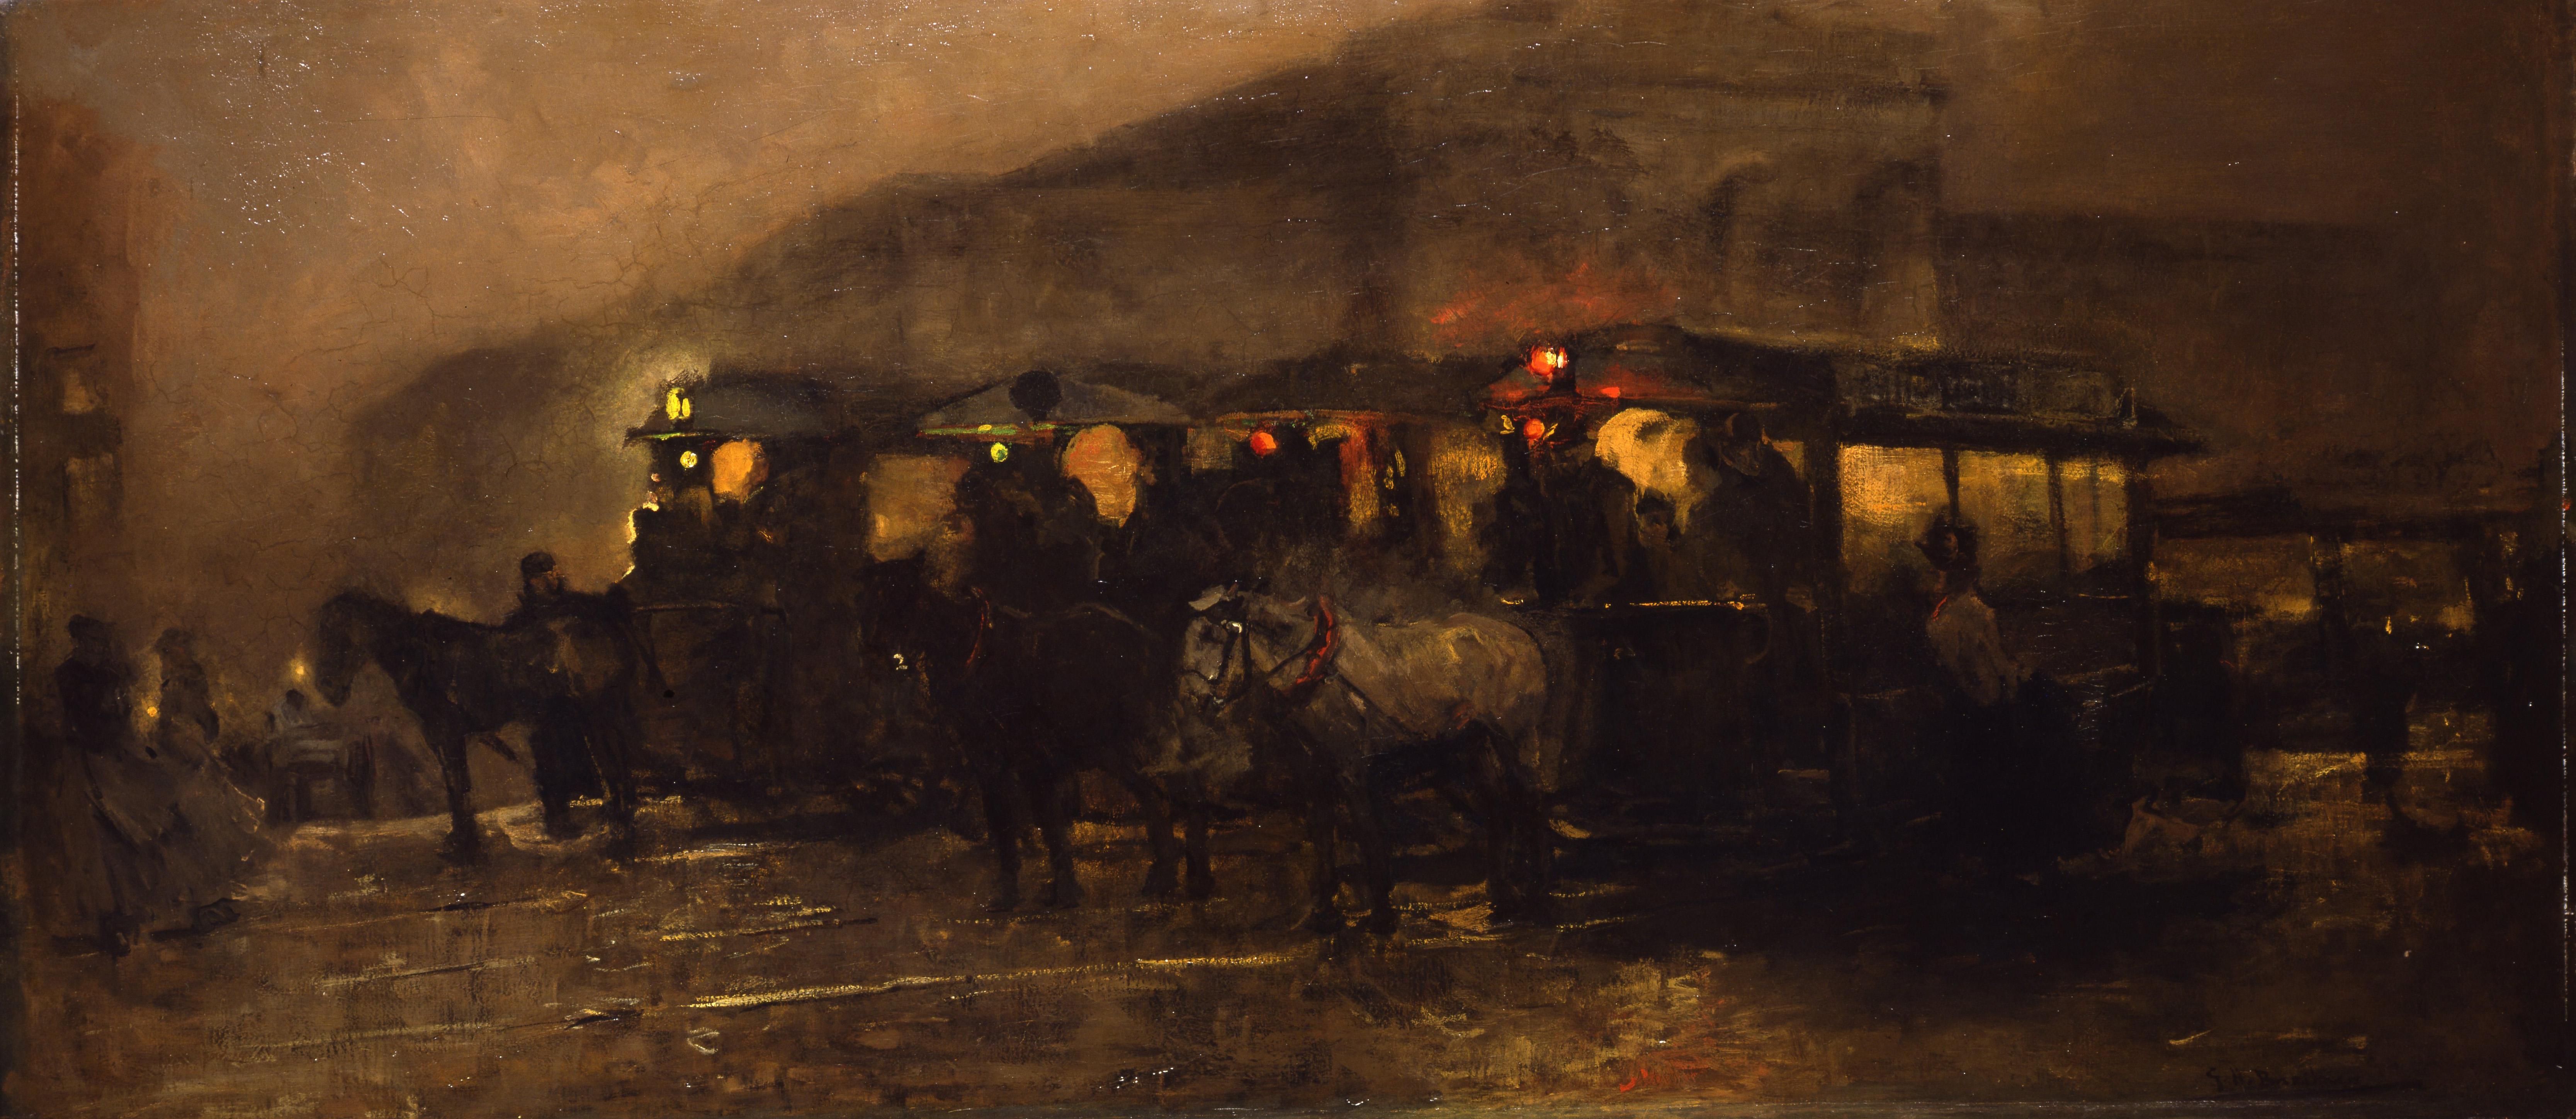 Breitner, G.H, Plein bij avond